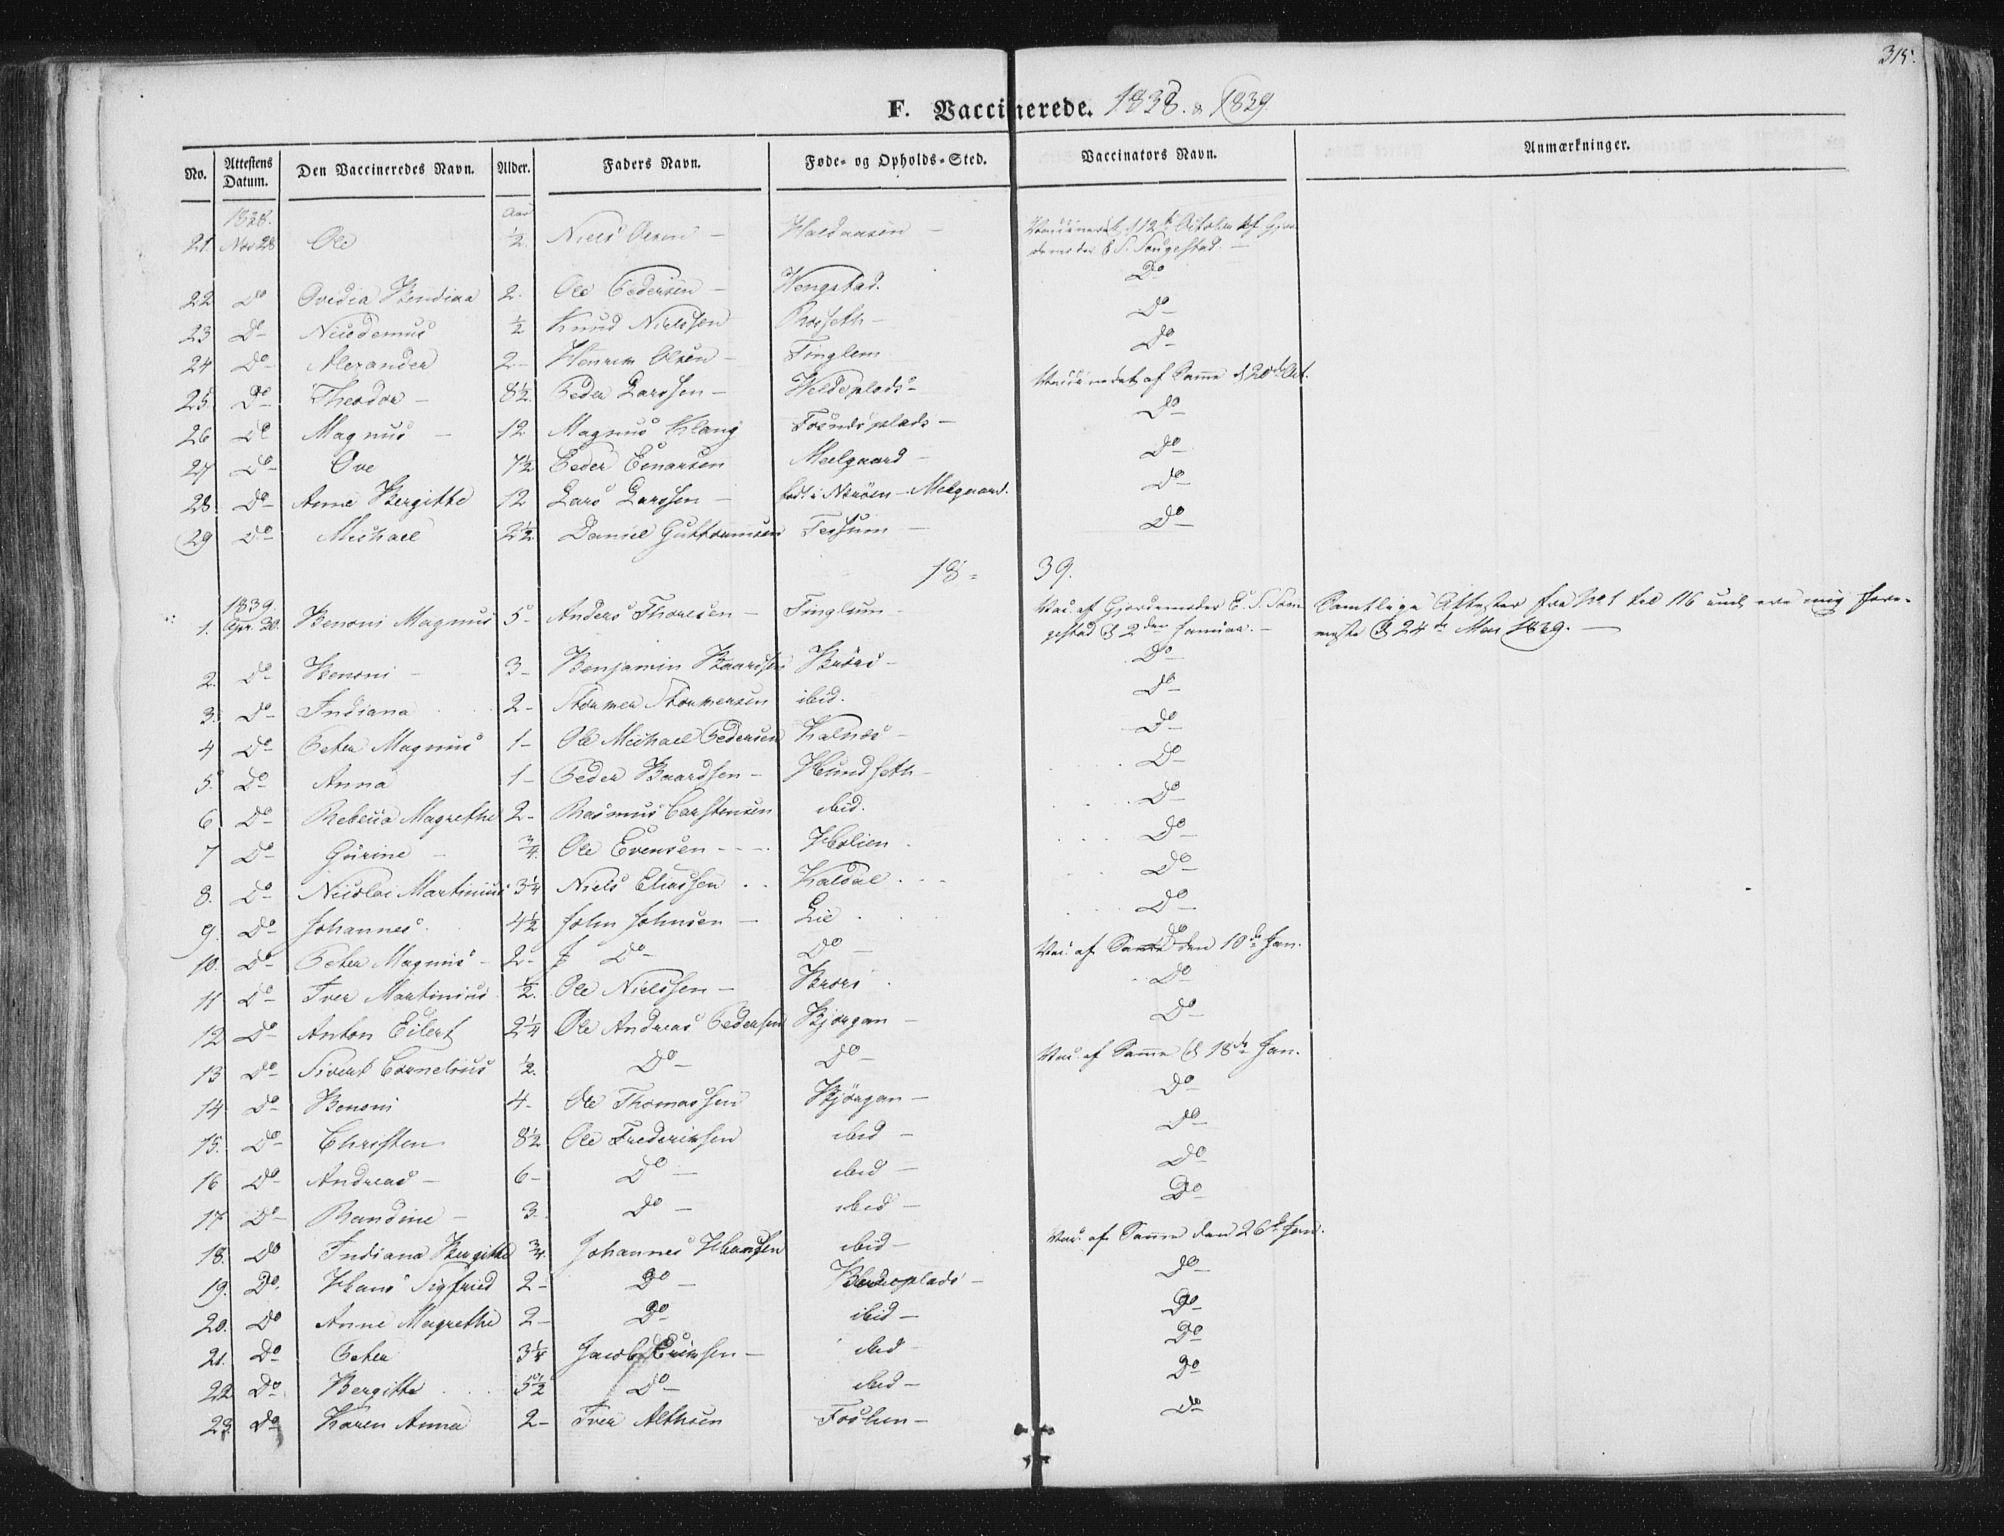 SAT, Ministerialprotokoller, klokkerbøker og fødselsregistre - Nord-Trøndelag, 741/L0392: Ministerialbok nr. 741A06, 1836-1848, s. 315